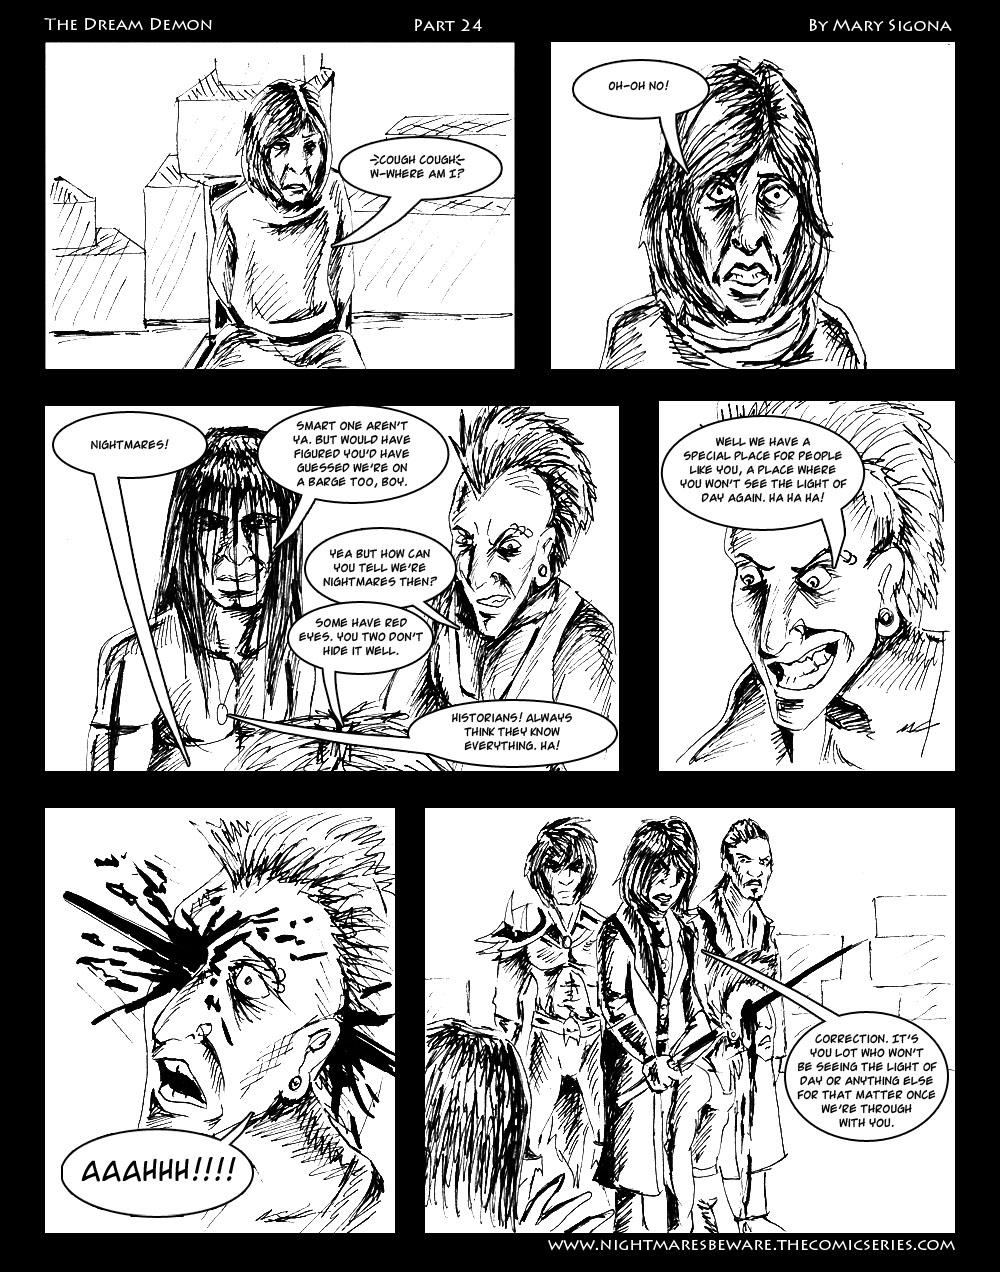 The Dream Demon (Part 24)